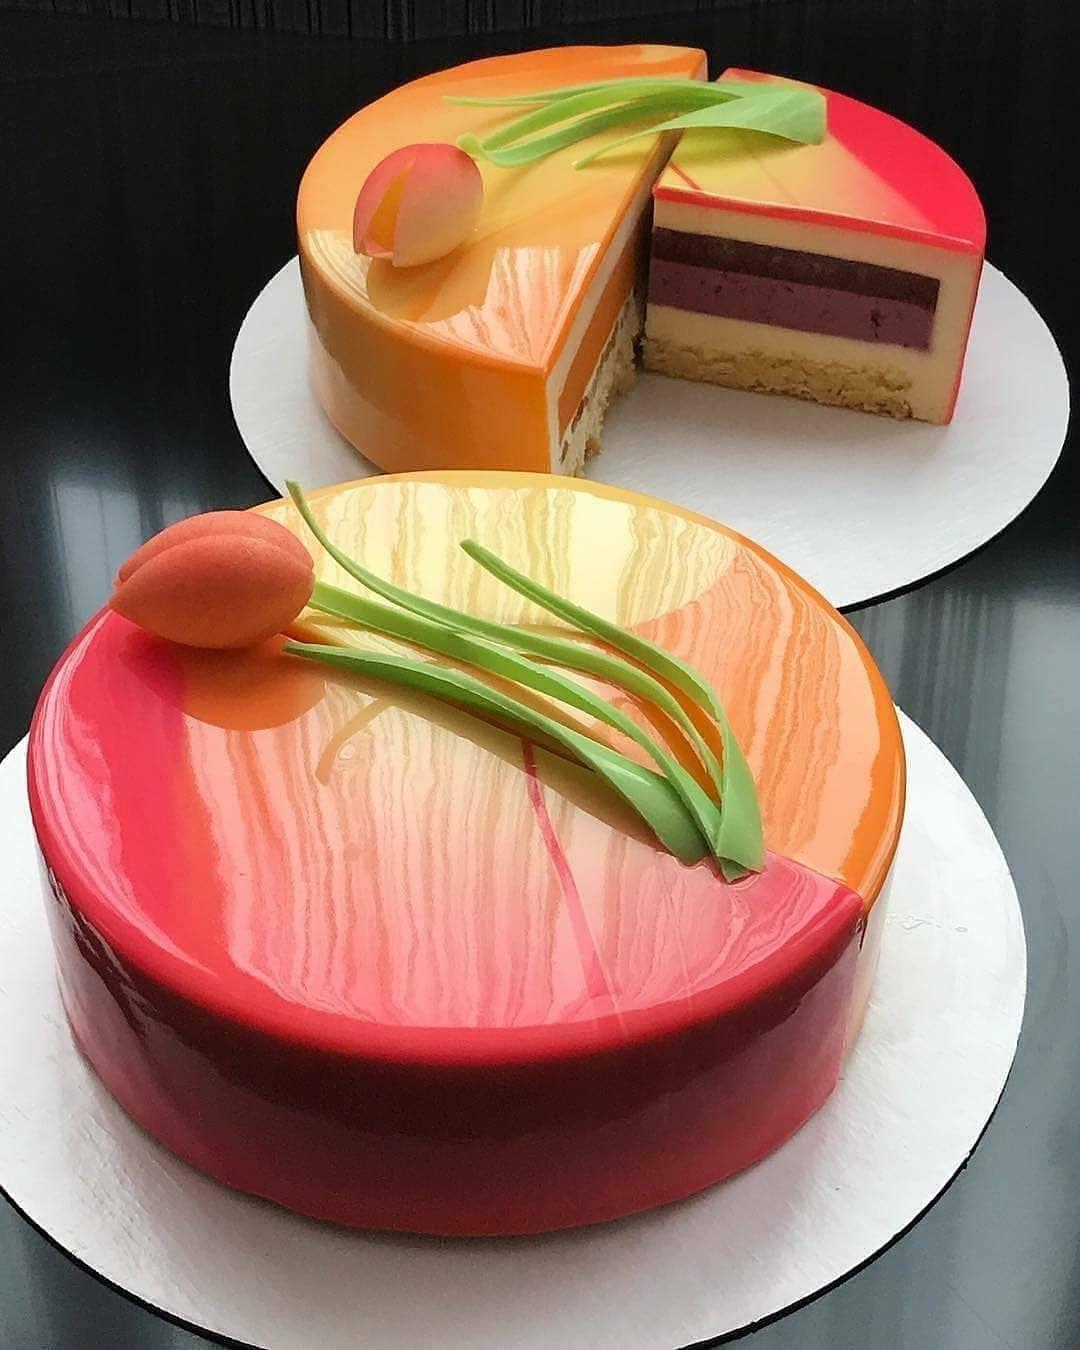 Hochglänzende Glasuren Für Kuchen Und Torten Sind Der Knaller. Wir Haben Die  Schönsten Ideen Zusammengetragen.